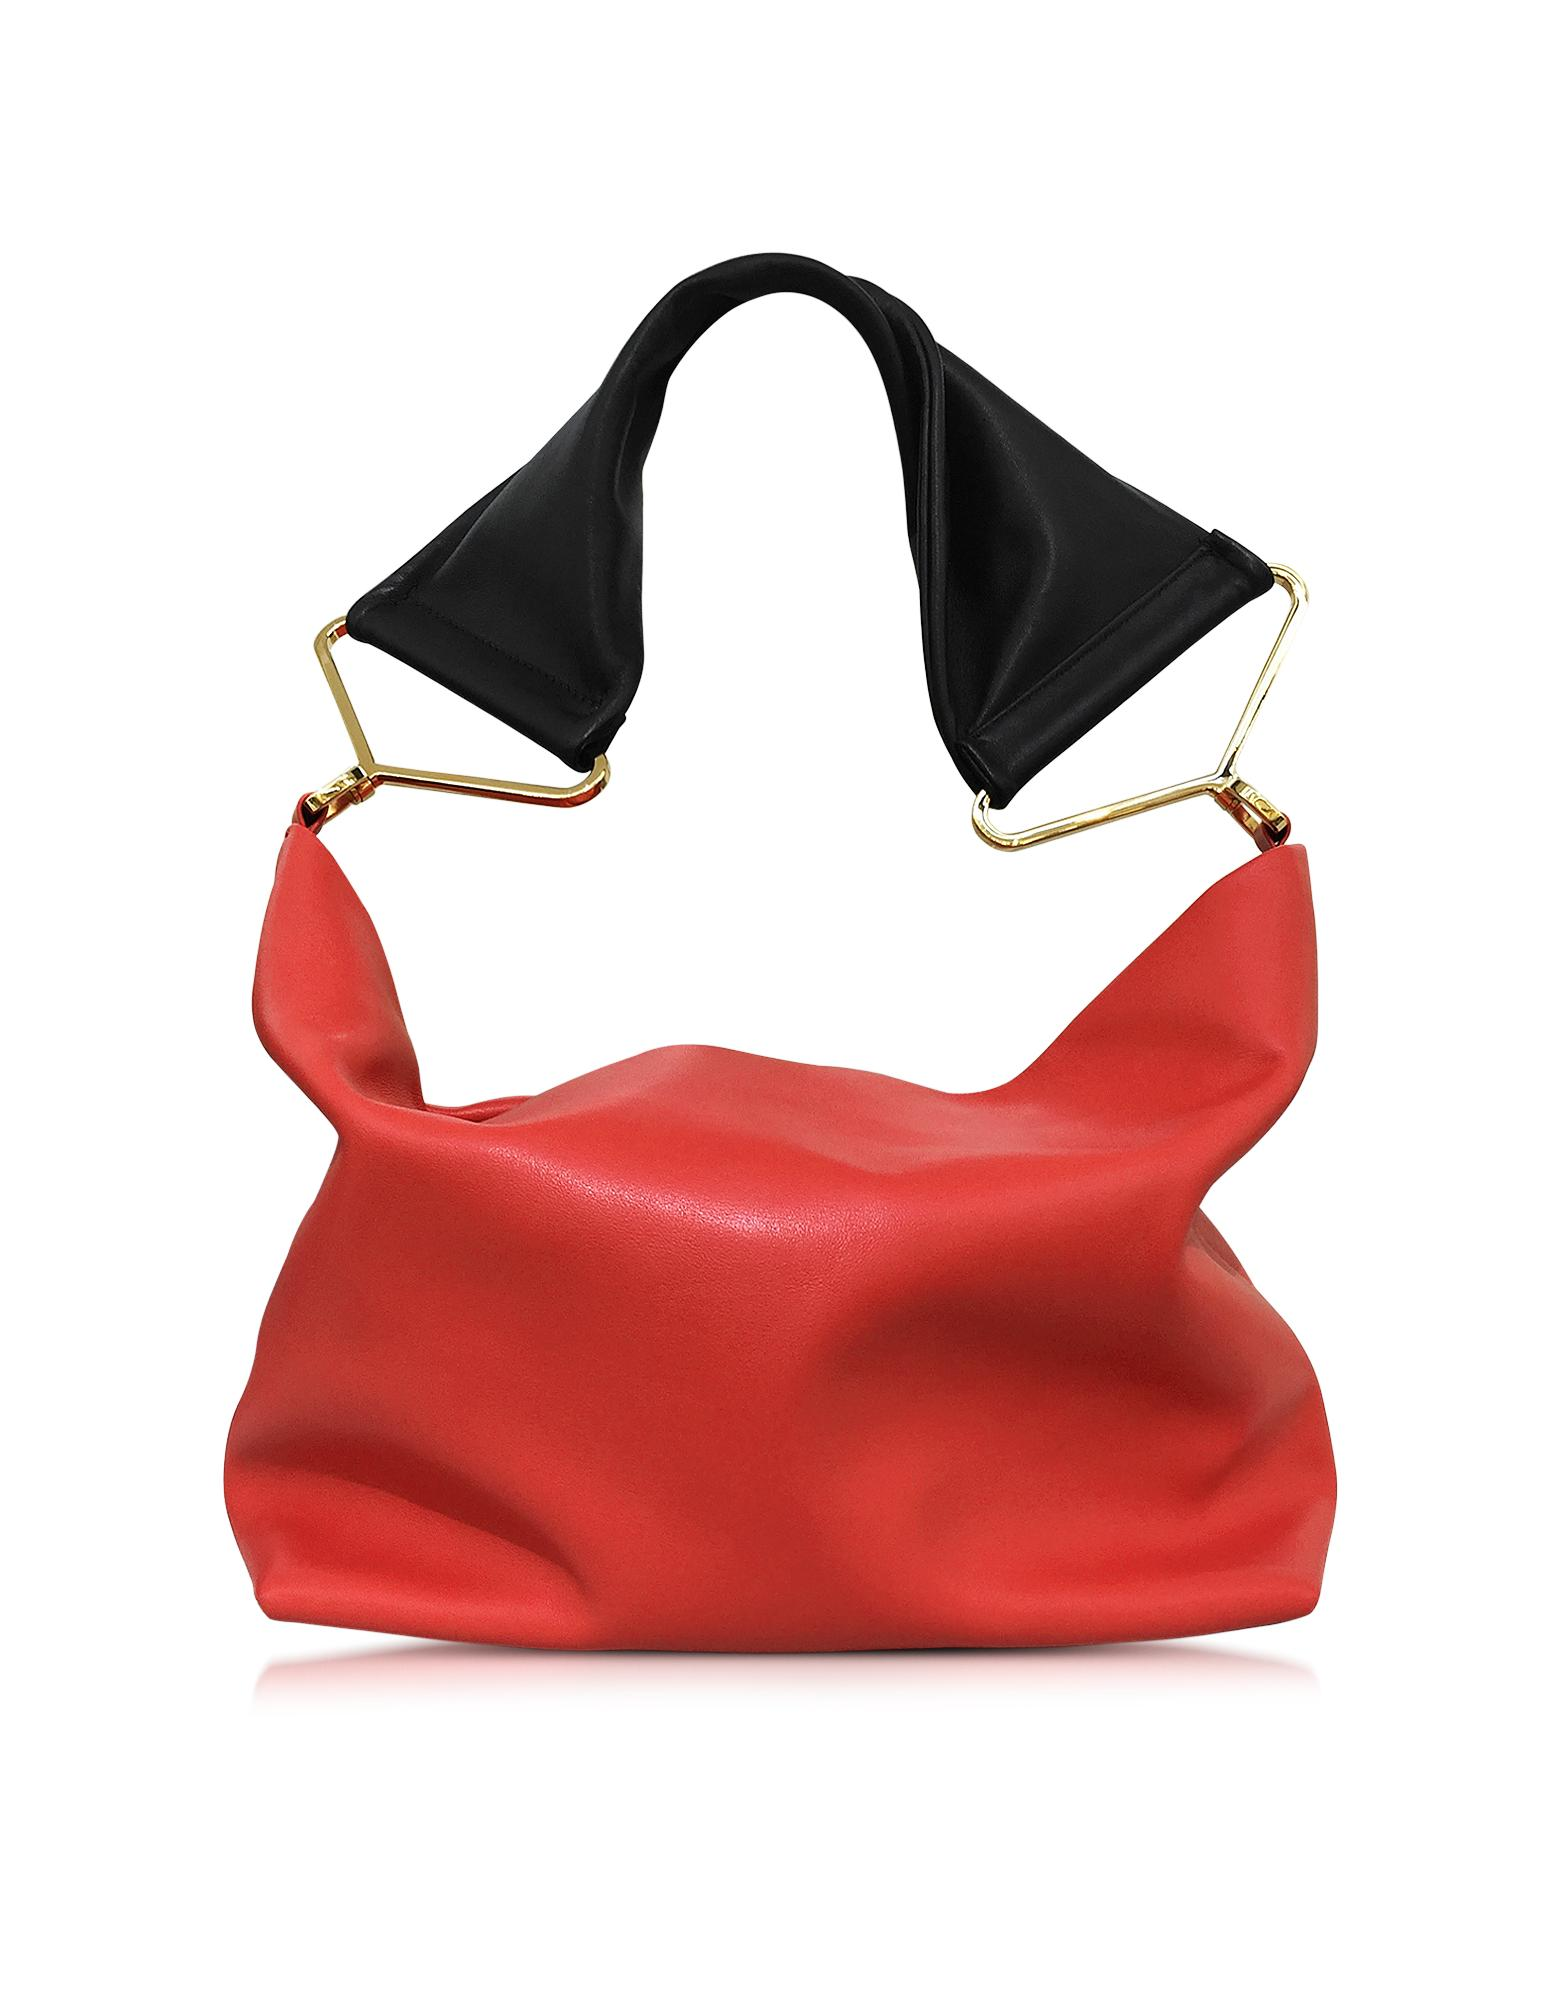 Red Leather Shoulder Bag - Marni